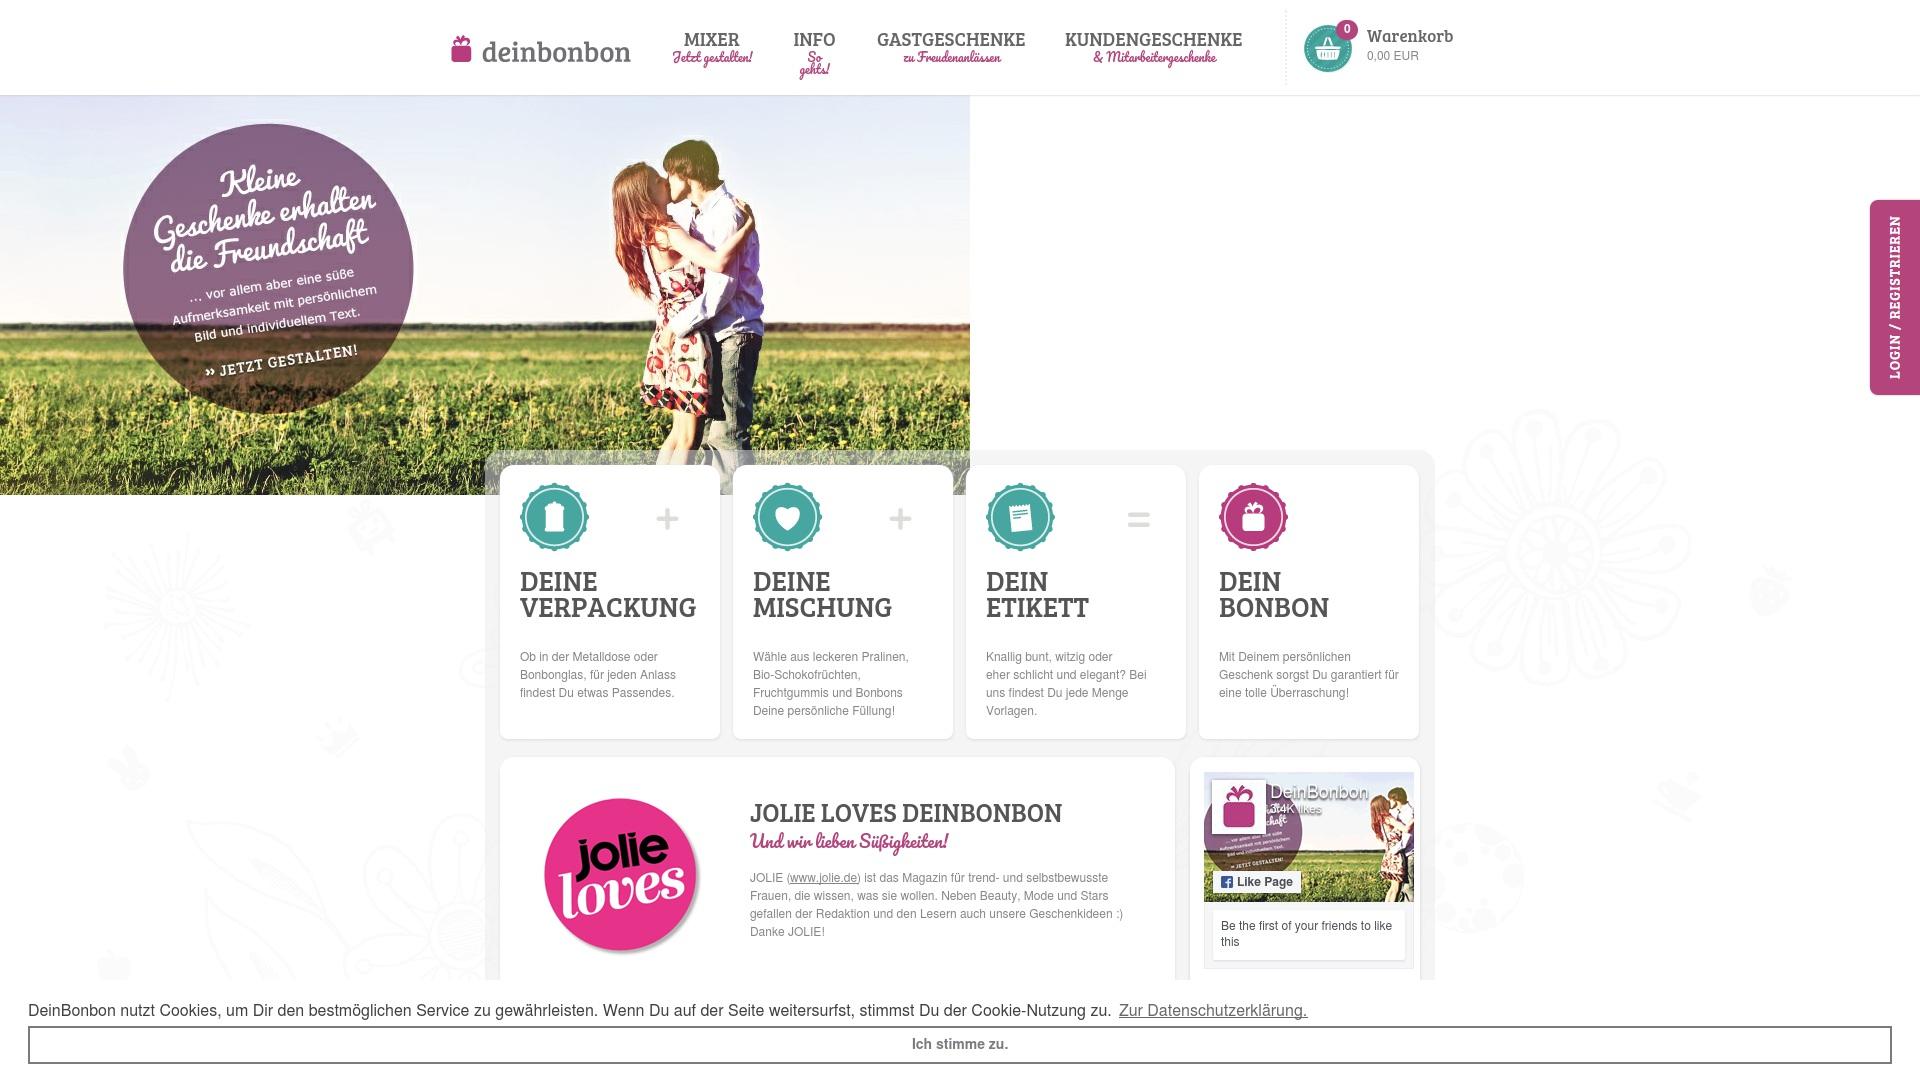 Gutschein für Deinbonbon: Rabatte für  Deinbonbon sichern